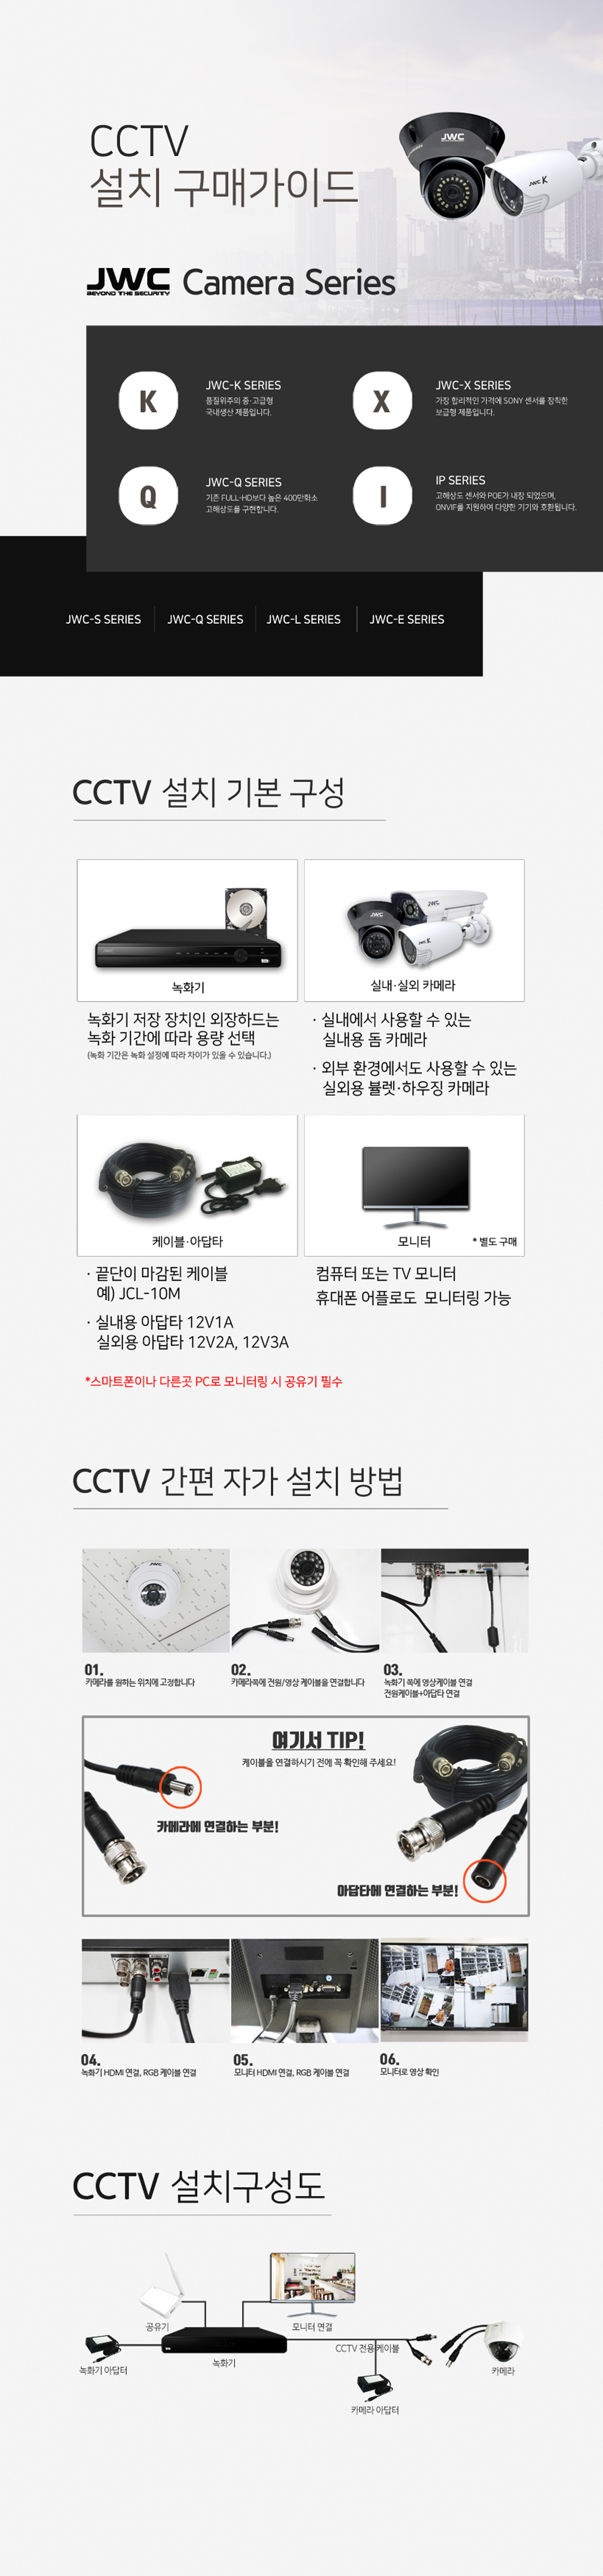 buy_info.jpg